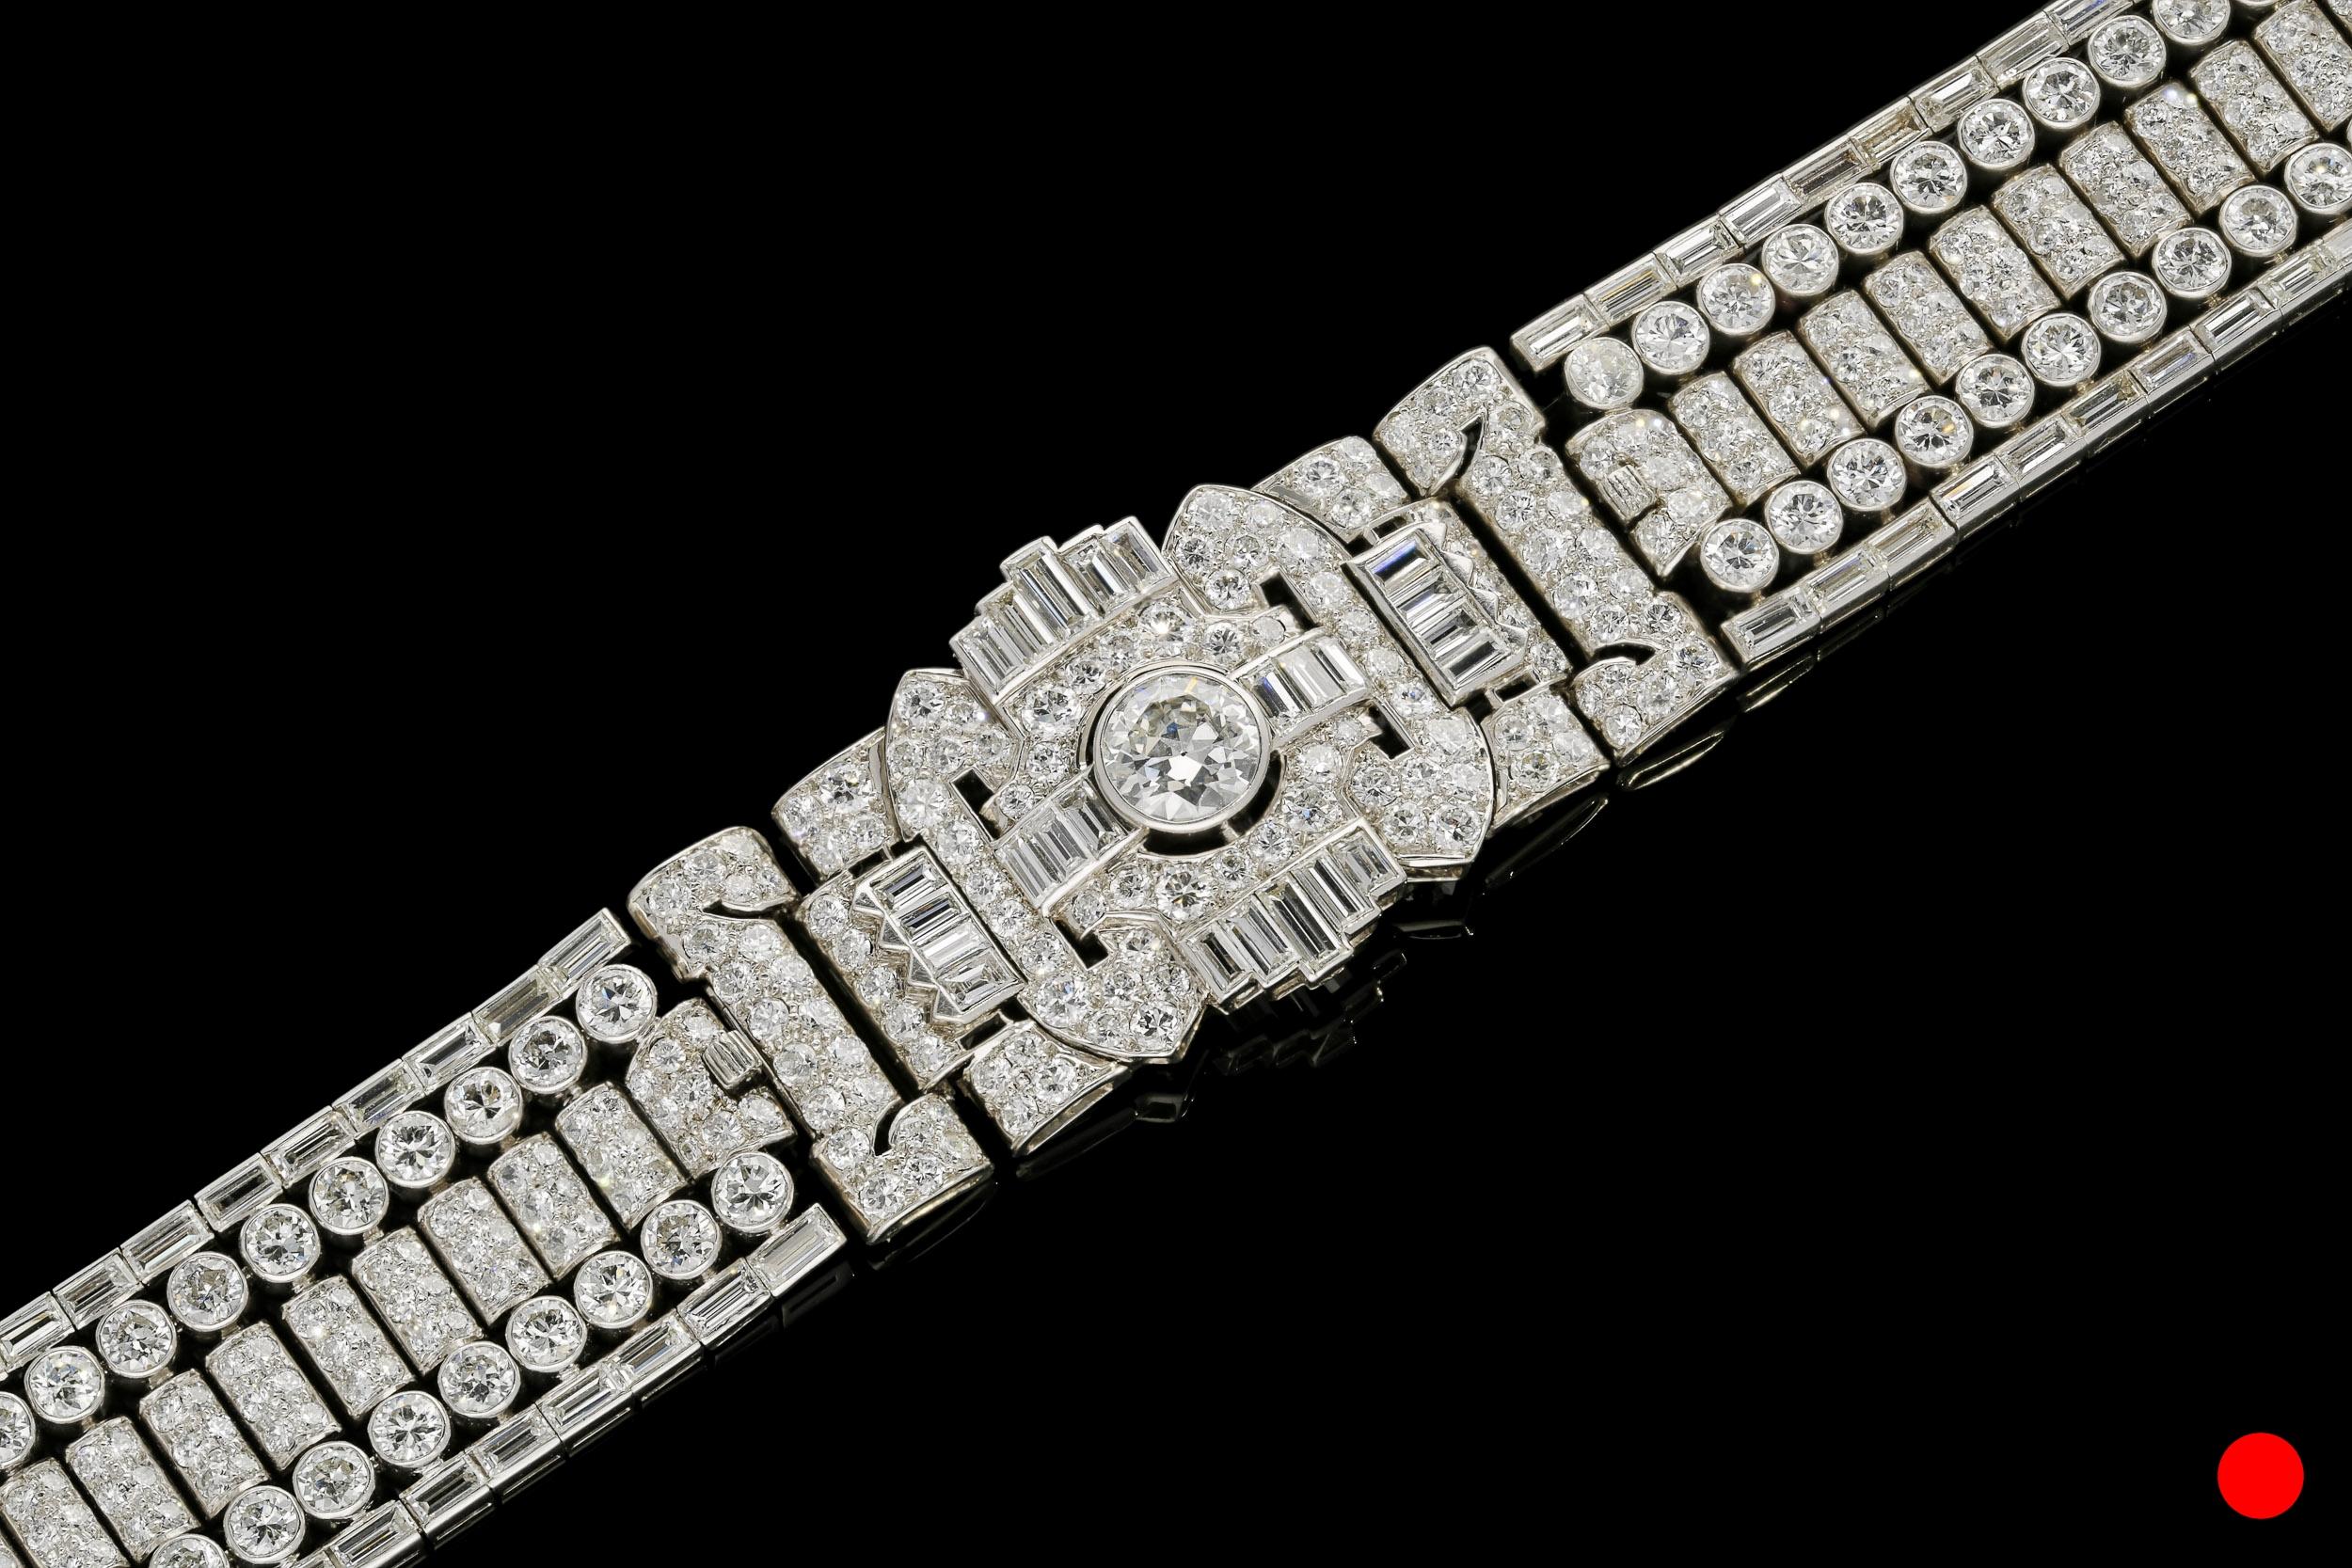 An Art Deco bracelet brooch by Drayson | £56500